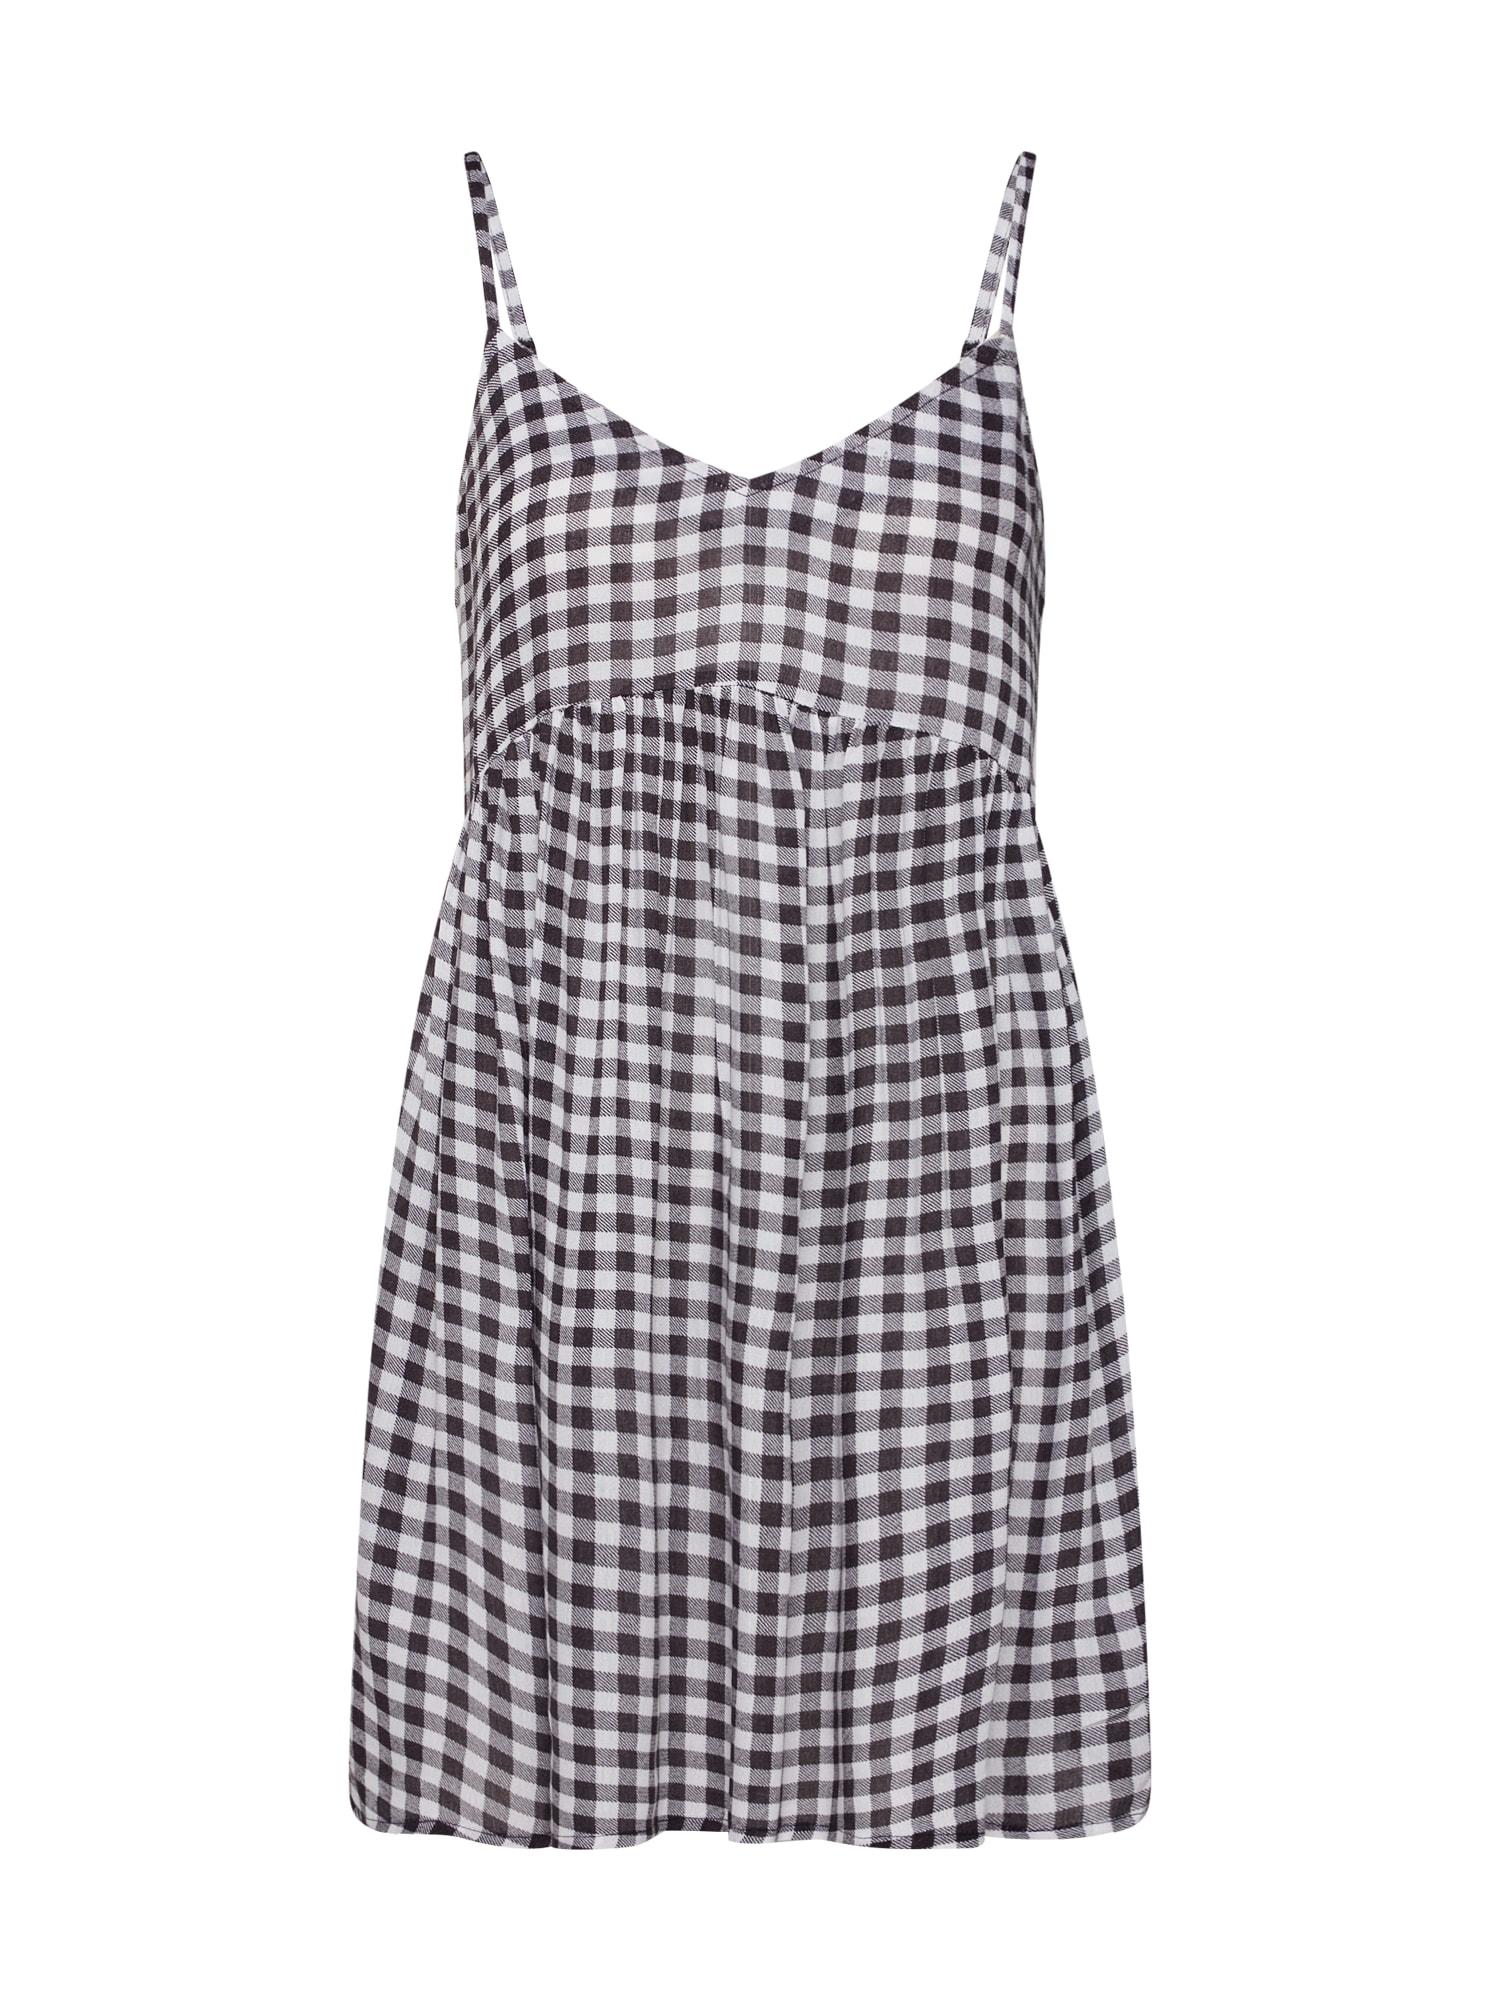 Letní šaty easy breezy černá bílá ELEMENT